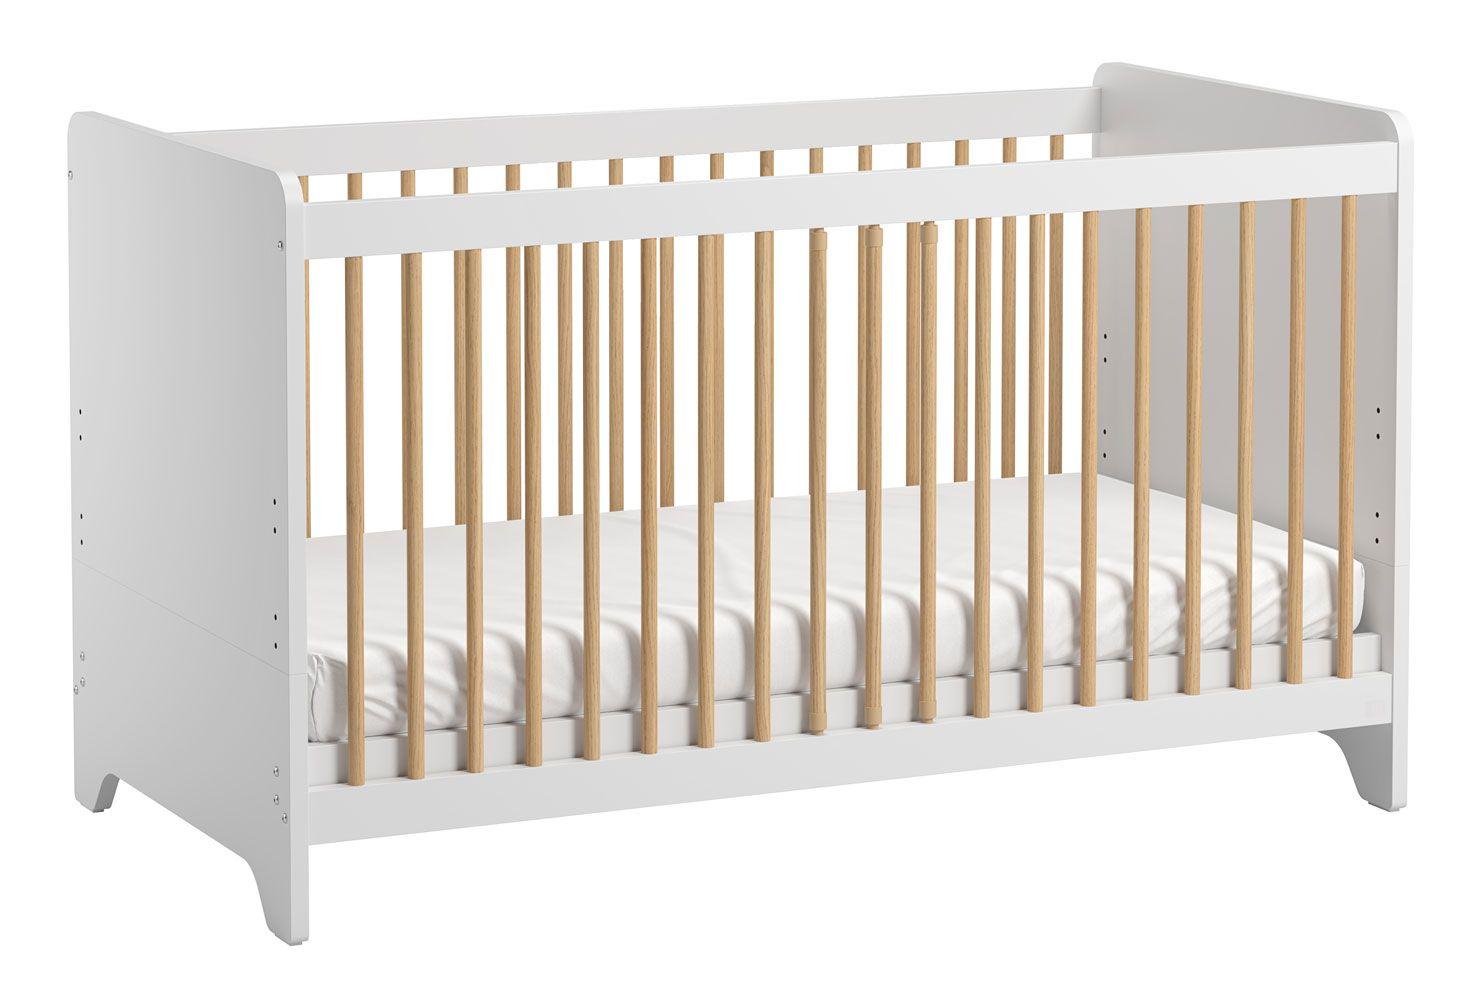 Babybett / Gitterbett Majvi 03, Farbe: Weiß / Eiche - Liegefläche: 60 x 120 cm (B x L)